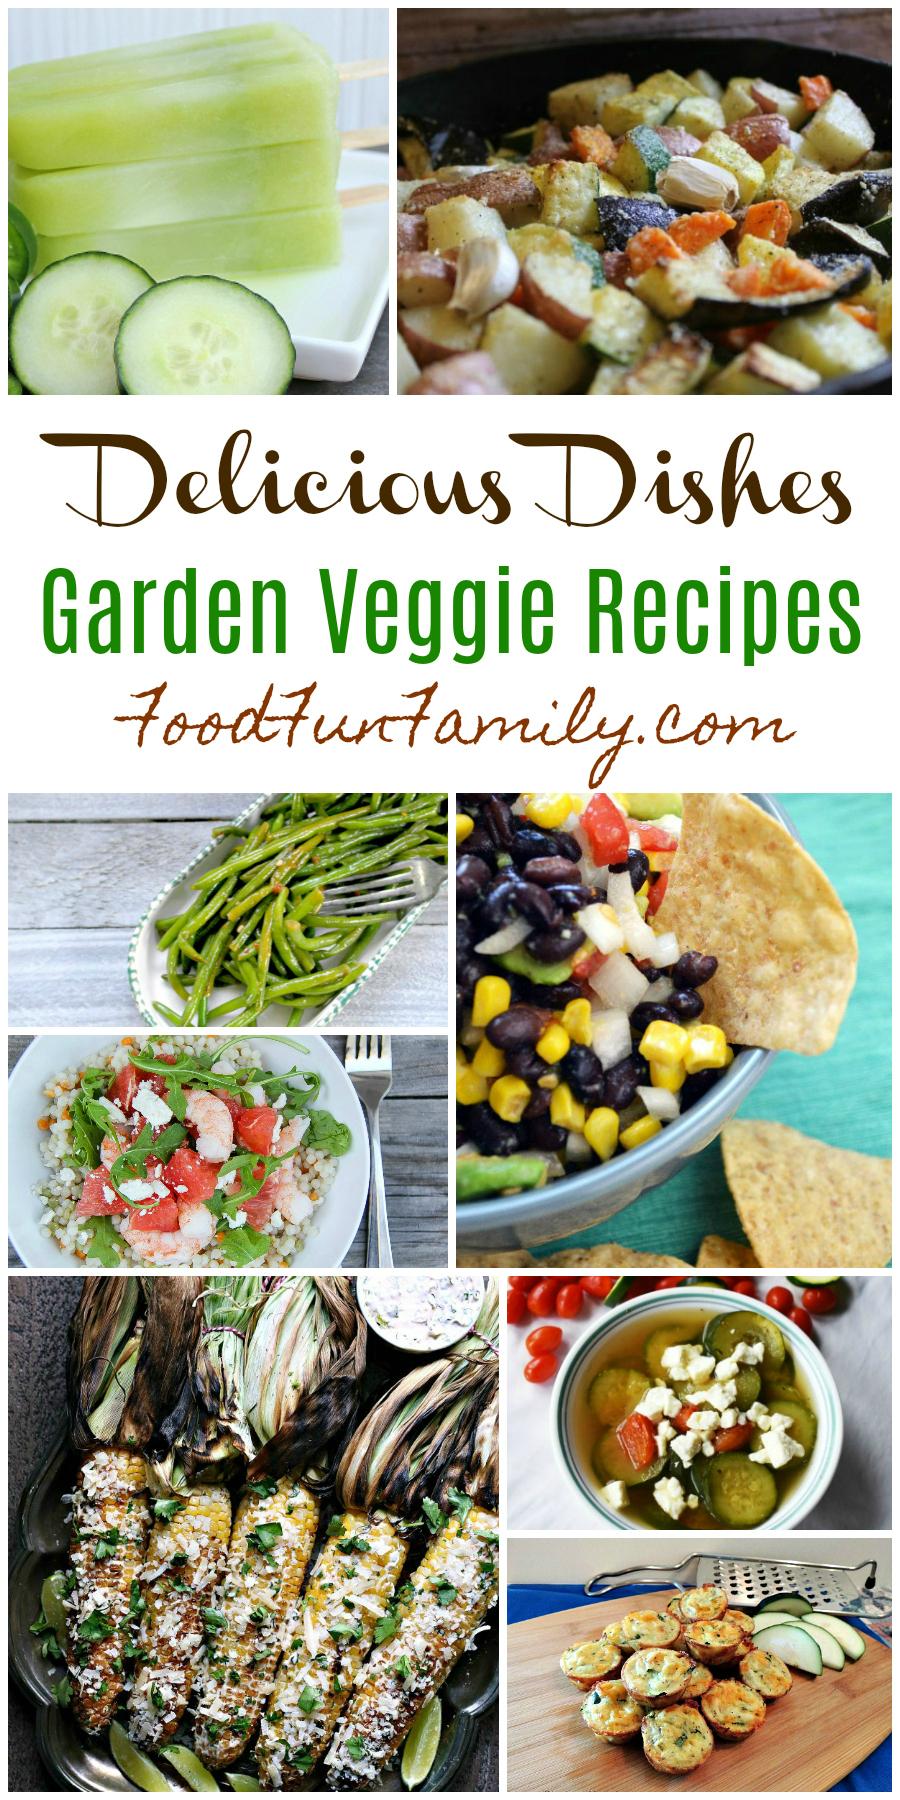 Garden Veggie Recipes - a Delicious Dishes recipe collection